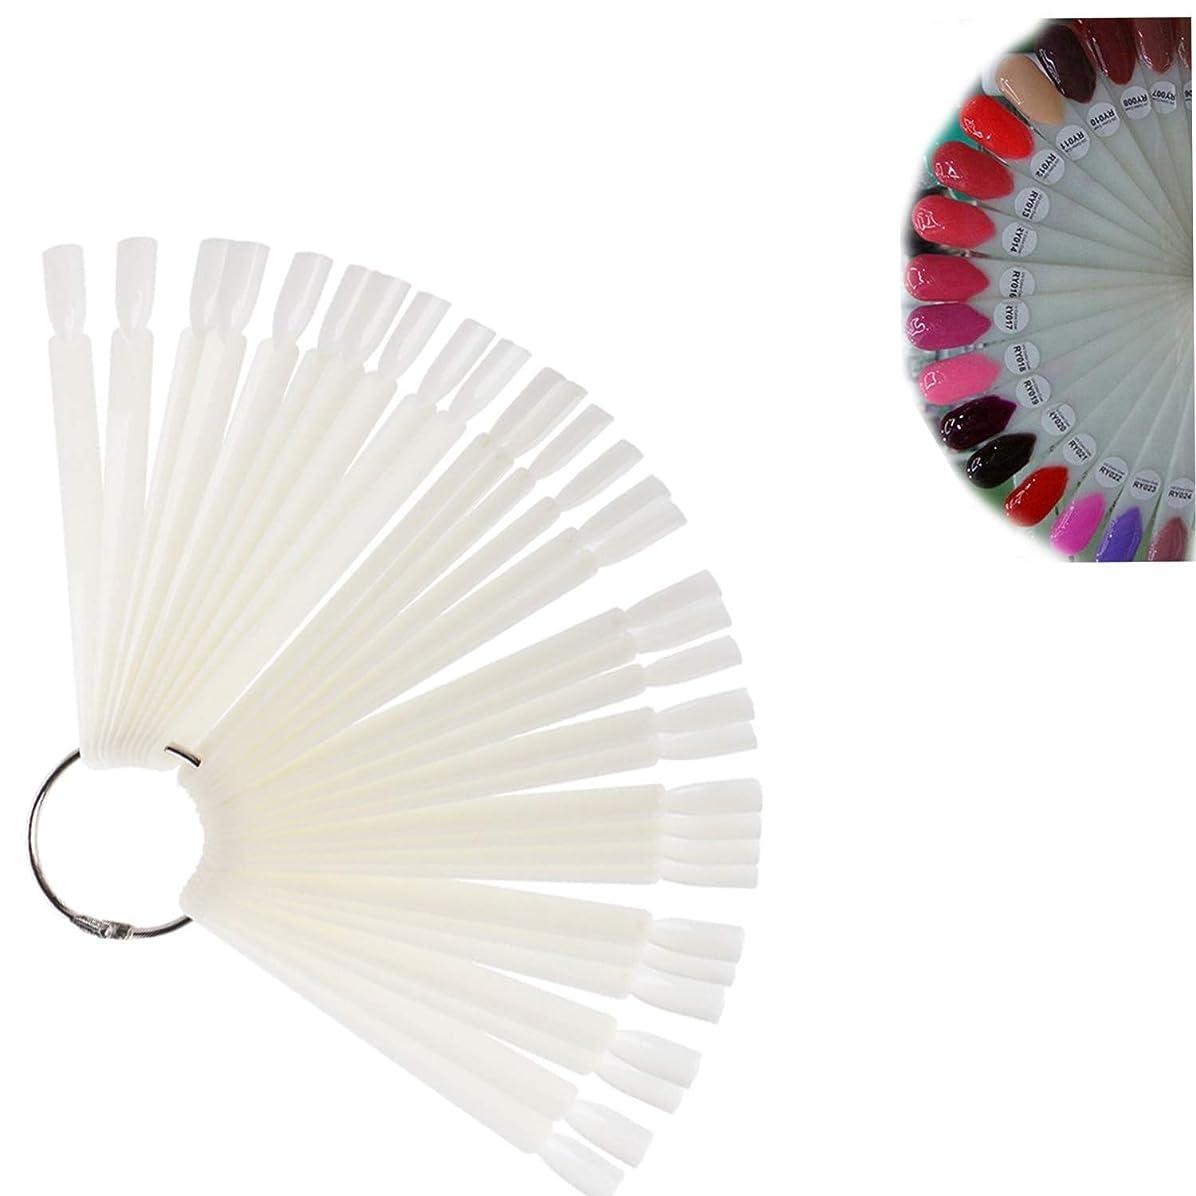 移住する場合飲み込むPinkiou偽ネイル カラーチャート ネイルアート スティック チップ 偽ネイル ディスプレー 練習用 女性用 折り畳み式 (ホワイト 50個)